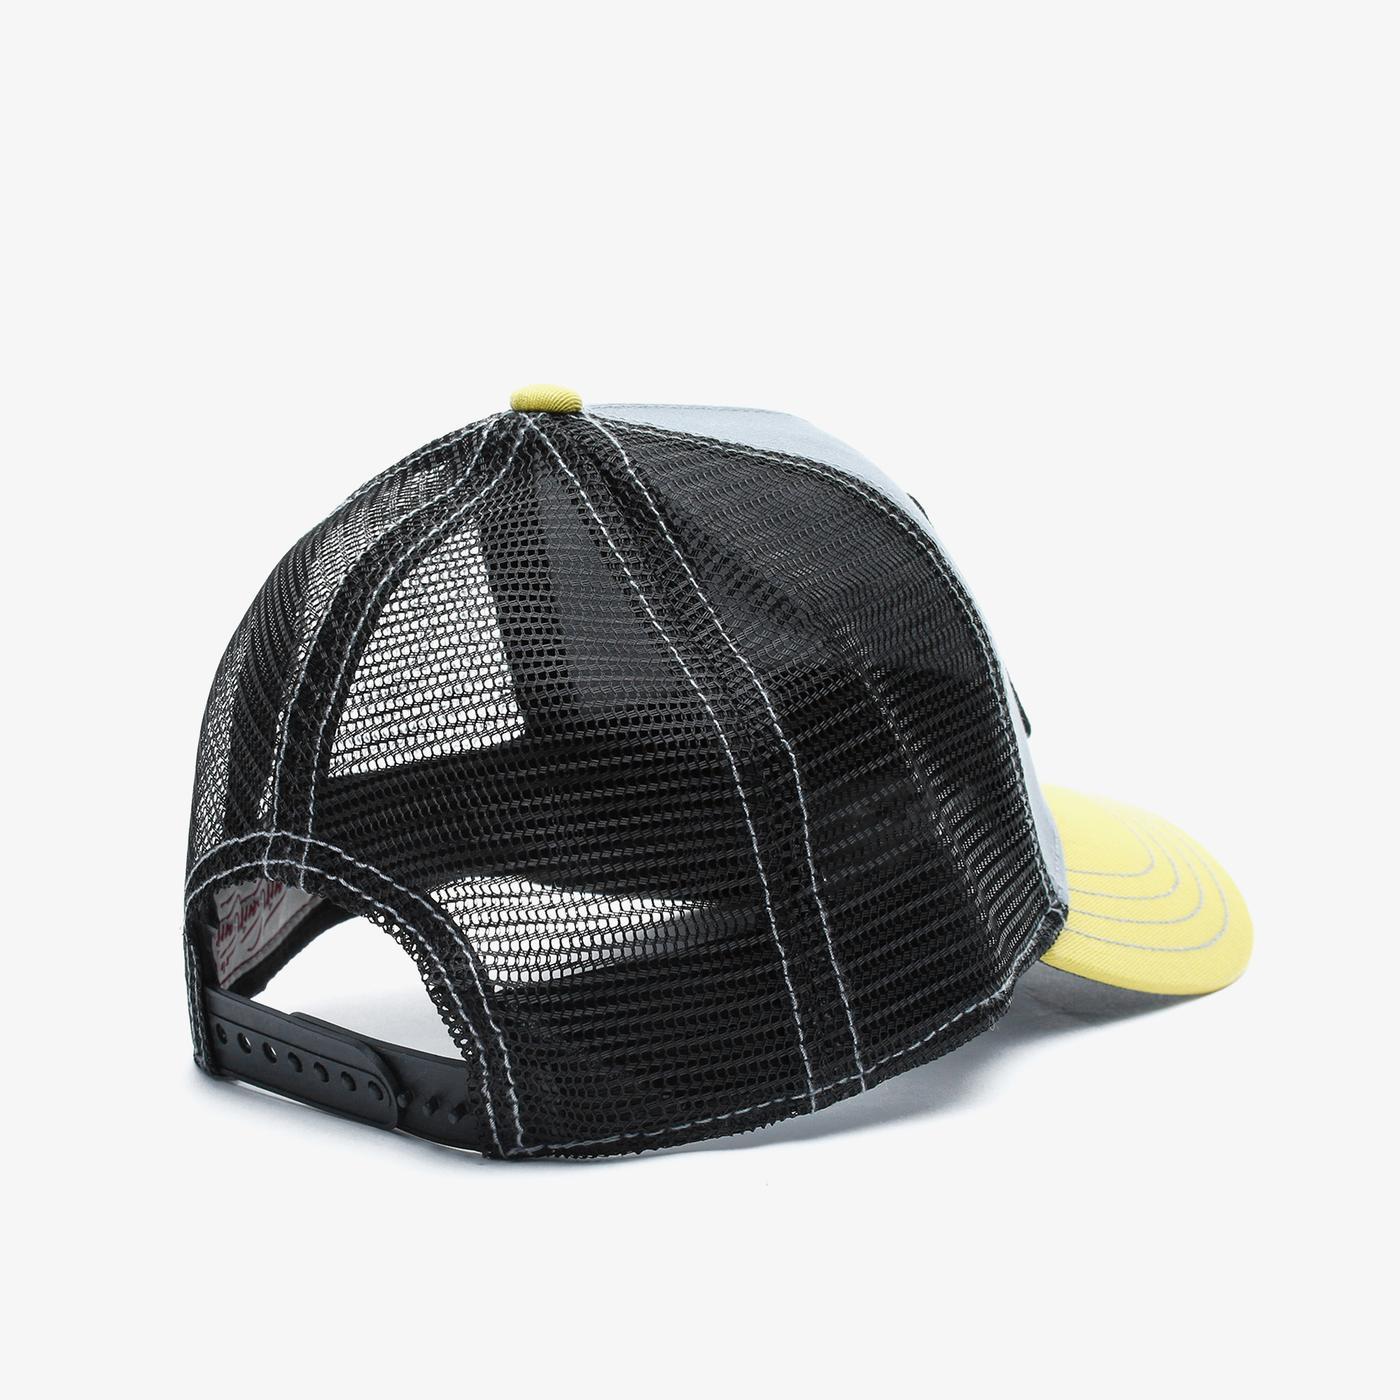 Goorin Bros Iggy Narnar Unisex Gri Şapka